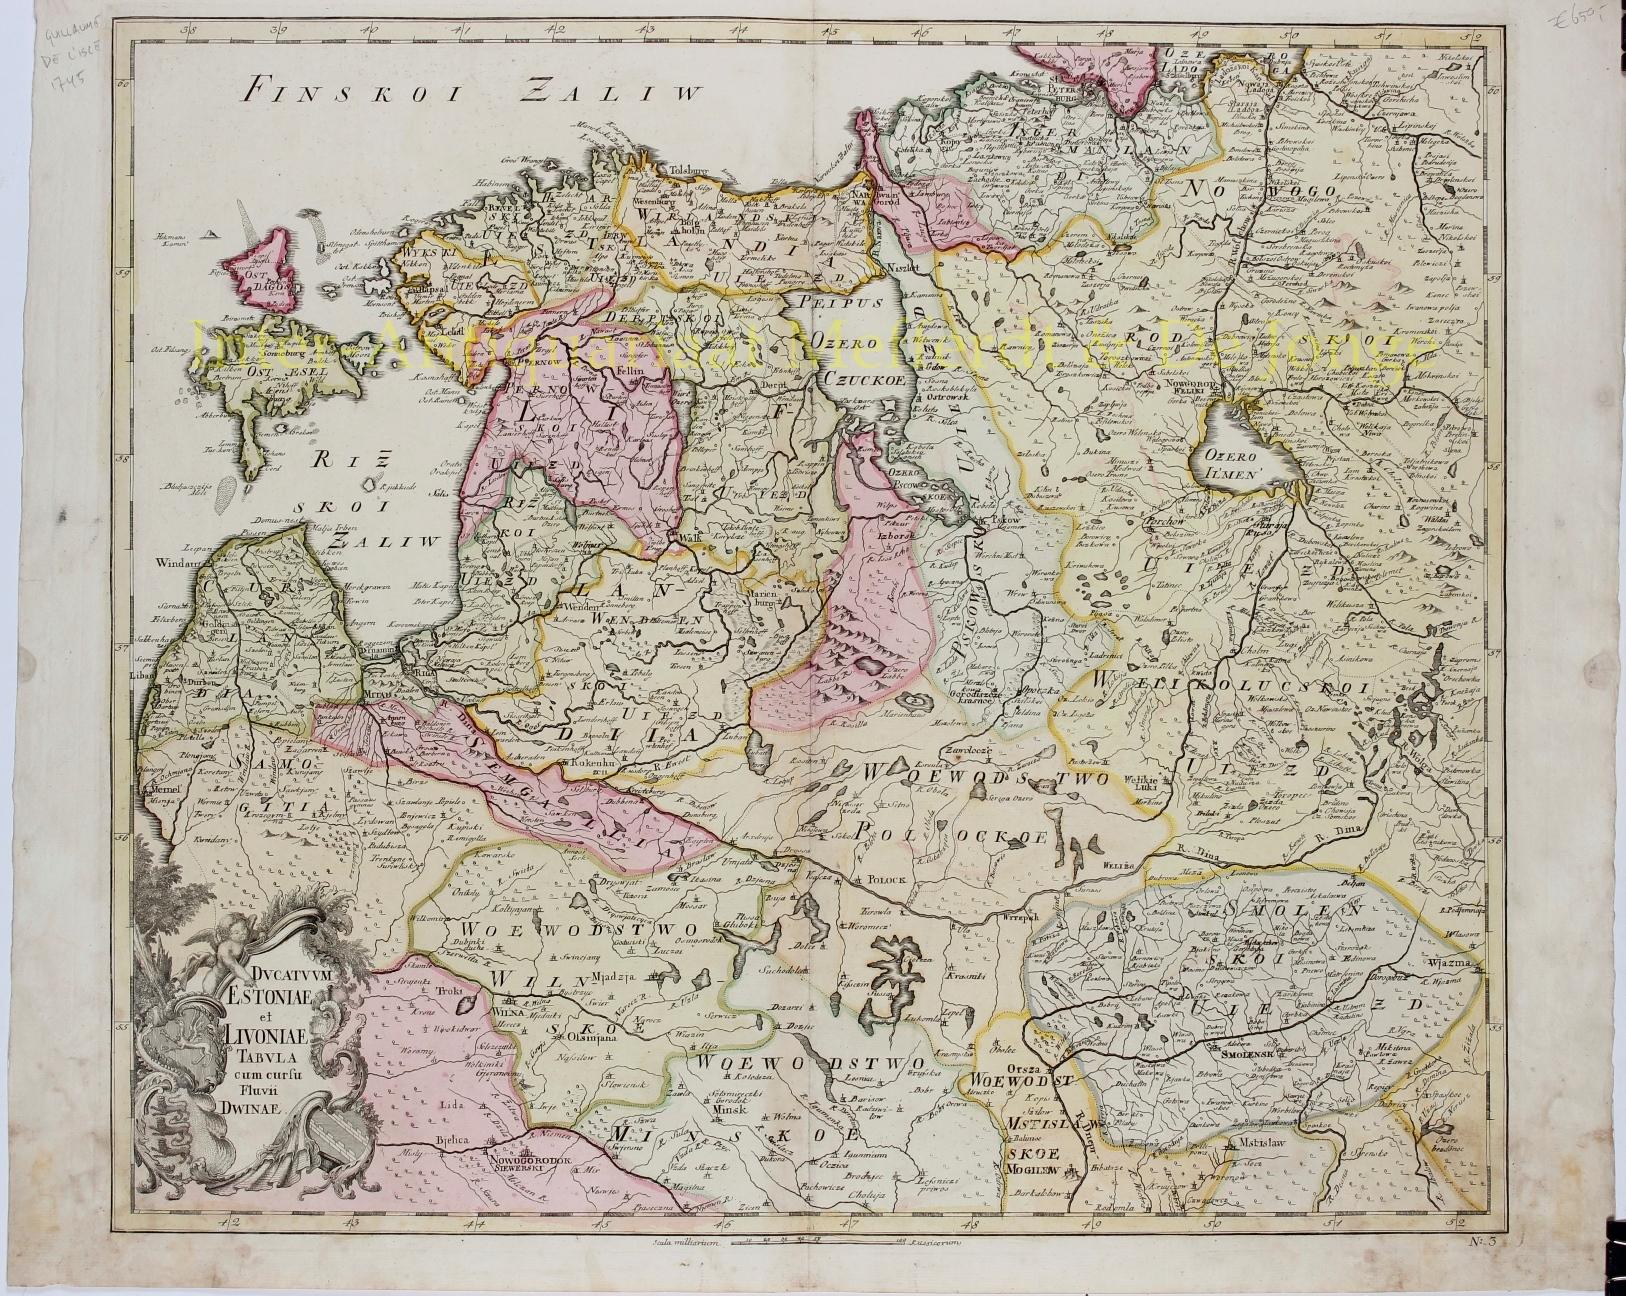 DE L'ISLE,  JOSEPH-NICOLAS (1688 - 1768) - Baltics, Estonia, Lithuania - Joseph-Nicolas De l'Isle, 1745